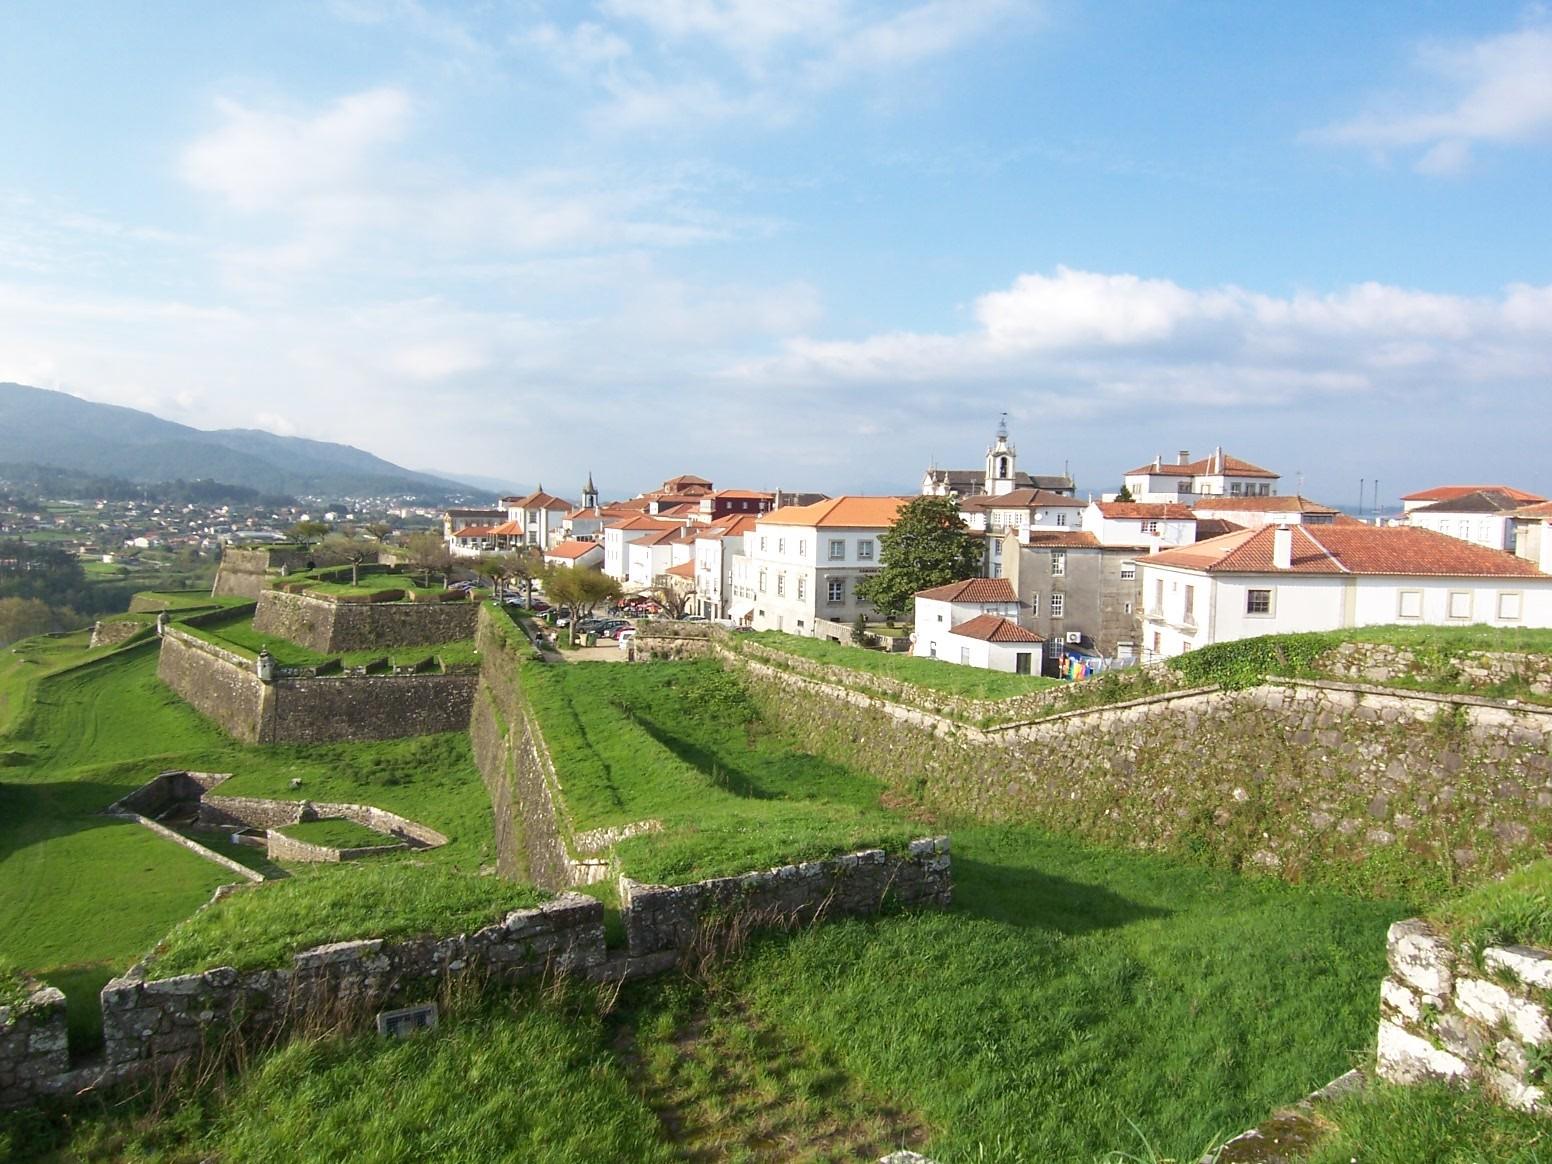 O leme imagens de portugal valen a centro hist rico for Muebles portugal valenca